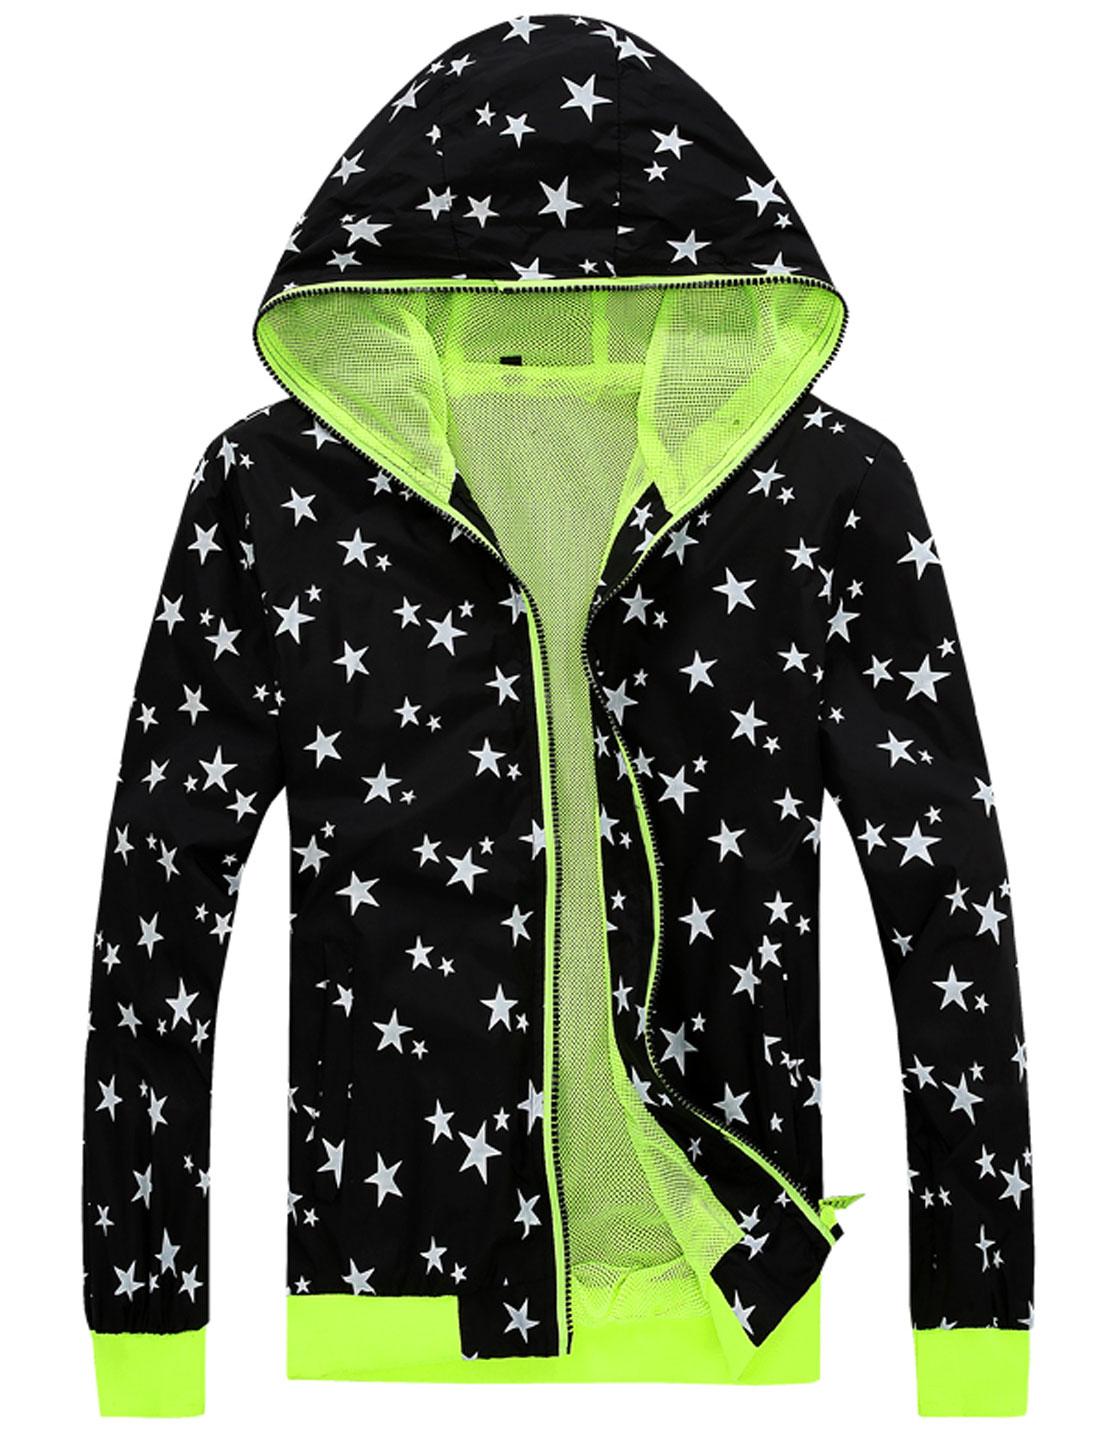 Men Zip Up Long Sleeve Front Pockets Stars Print Hoodie Jacket Black M